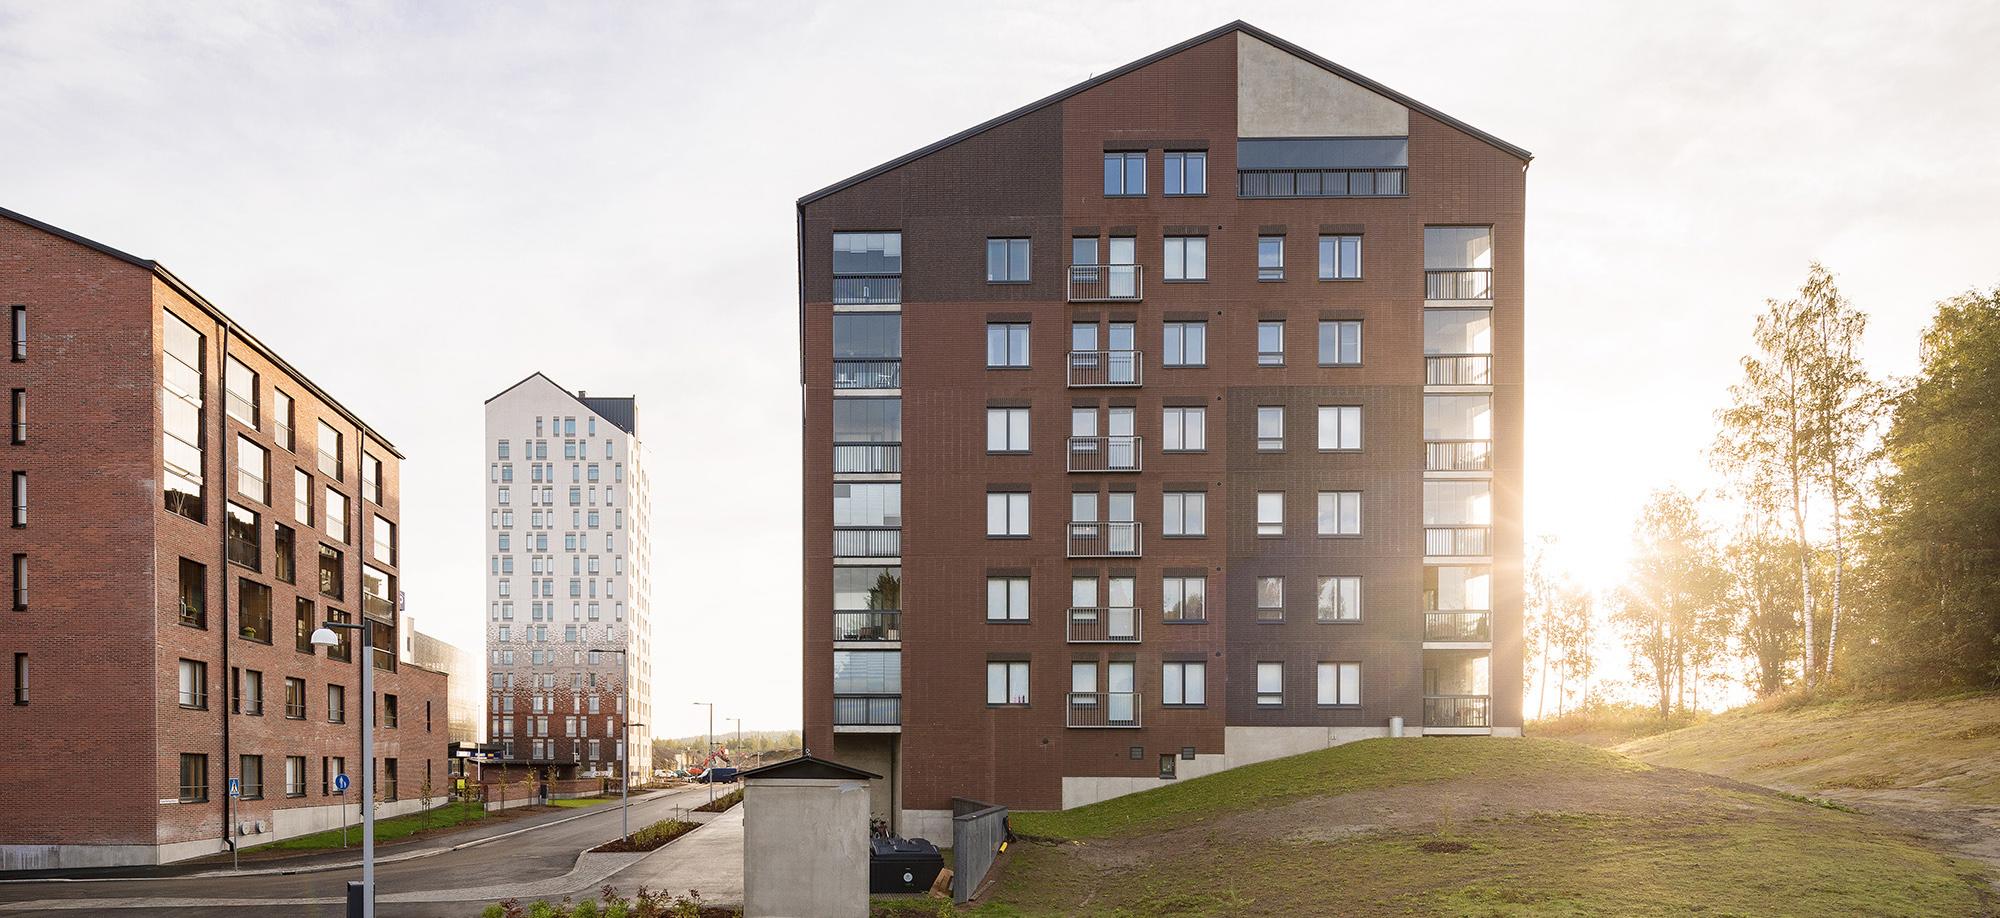 Landis+Gyr odottaa innolla muuttoa älykkääseen kaupunkiympäristöön